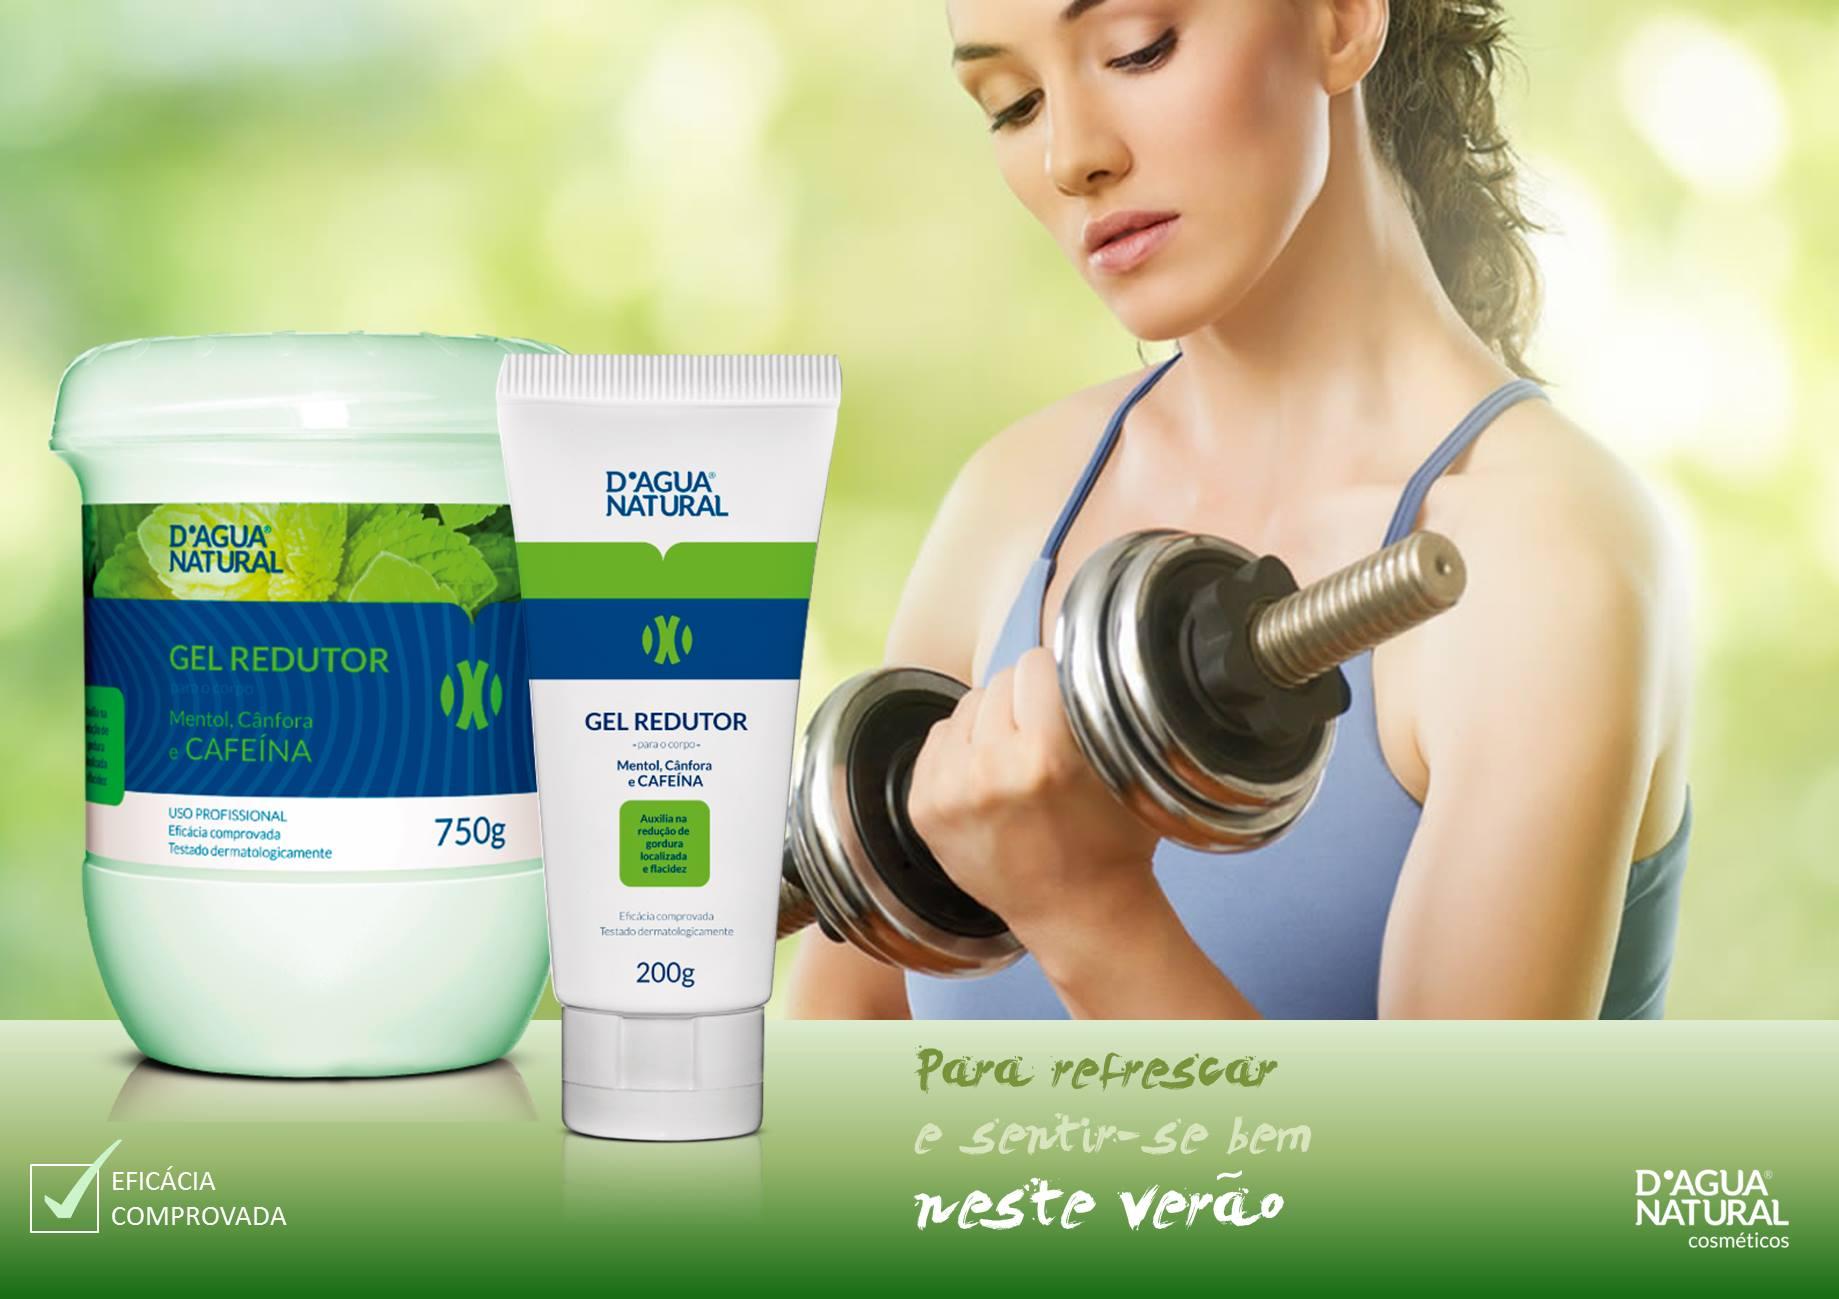 Kit Massagem Pimenta Negra, Esfoliante Apricot Forte Abrasão e Gel Redutor D'agua Natural